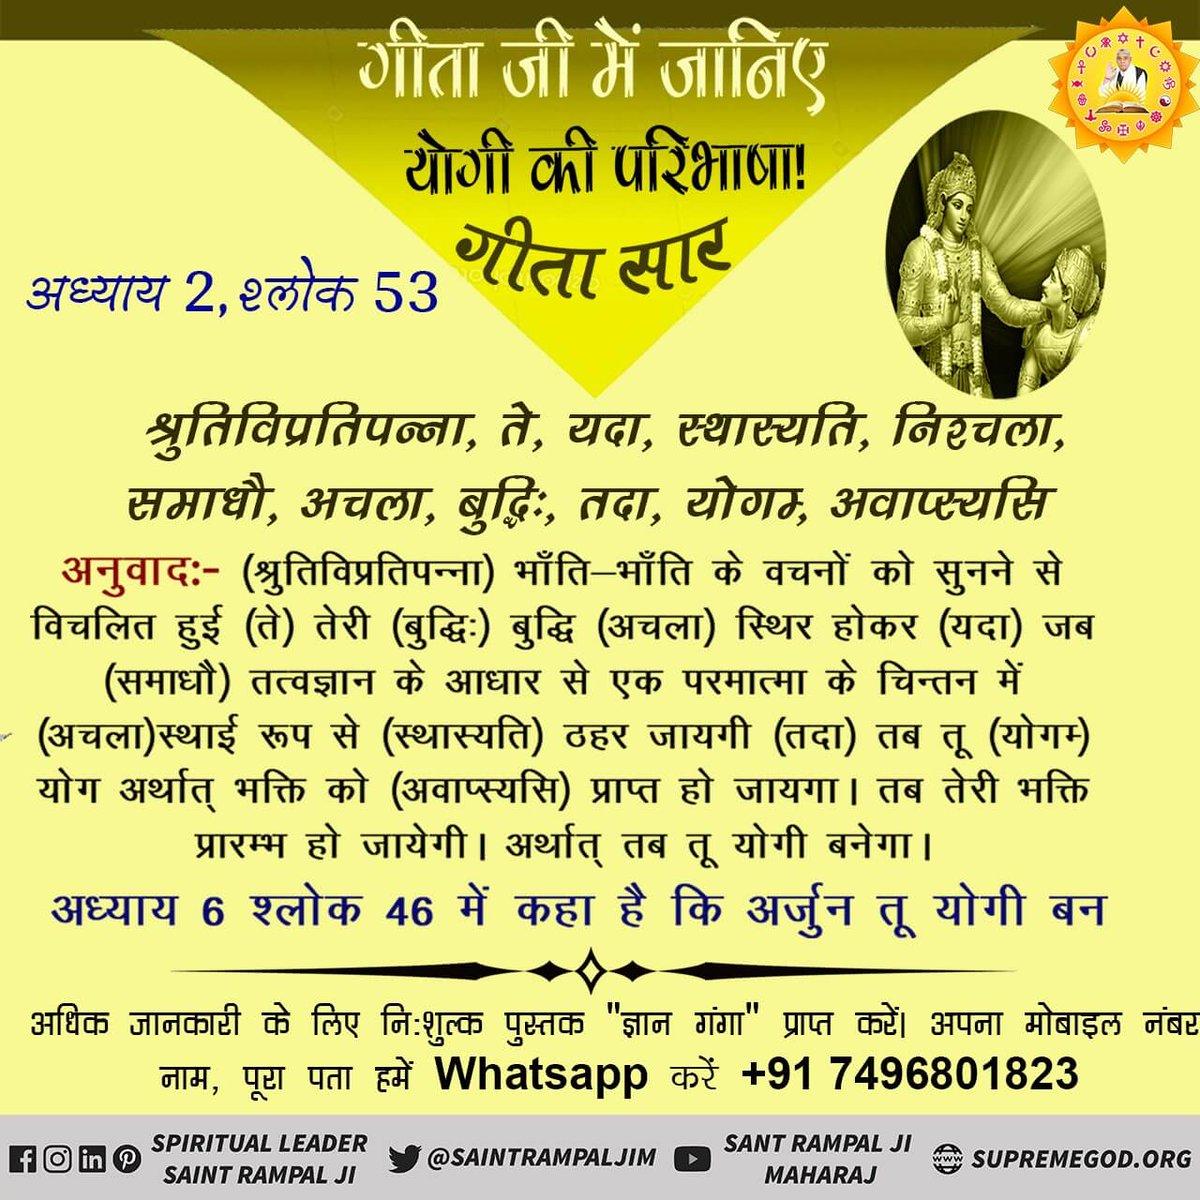 #HiddenTruthOfGita गीता सार वास्तविक भक्ति विधि के लिए गीता ज्ञान दाता प्रभु (ब्रह्म) किसी तत्वदर्शी की खोज करने को कहता है (गीता अध्याय 4 श्लोक 34) इस से सिद्ध है गीता ज्ञान दाता (ब्रह्म) द्वारा बताई गई भक्ति विधि पूर्ण नहीं है। Visit satlok aashram youtube channel